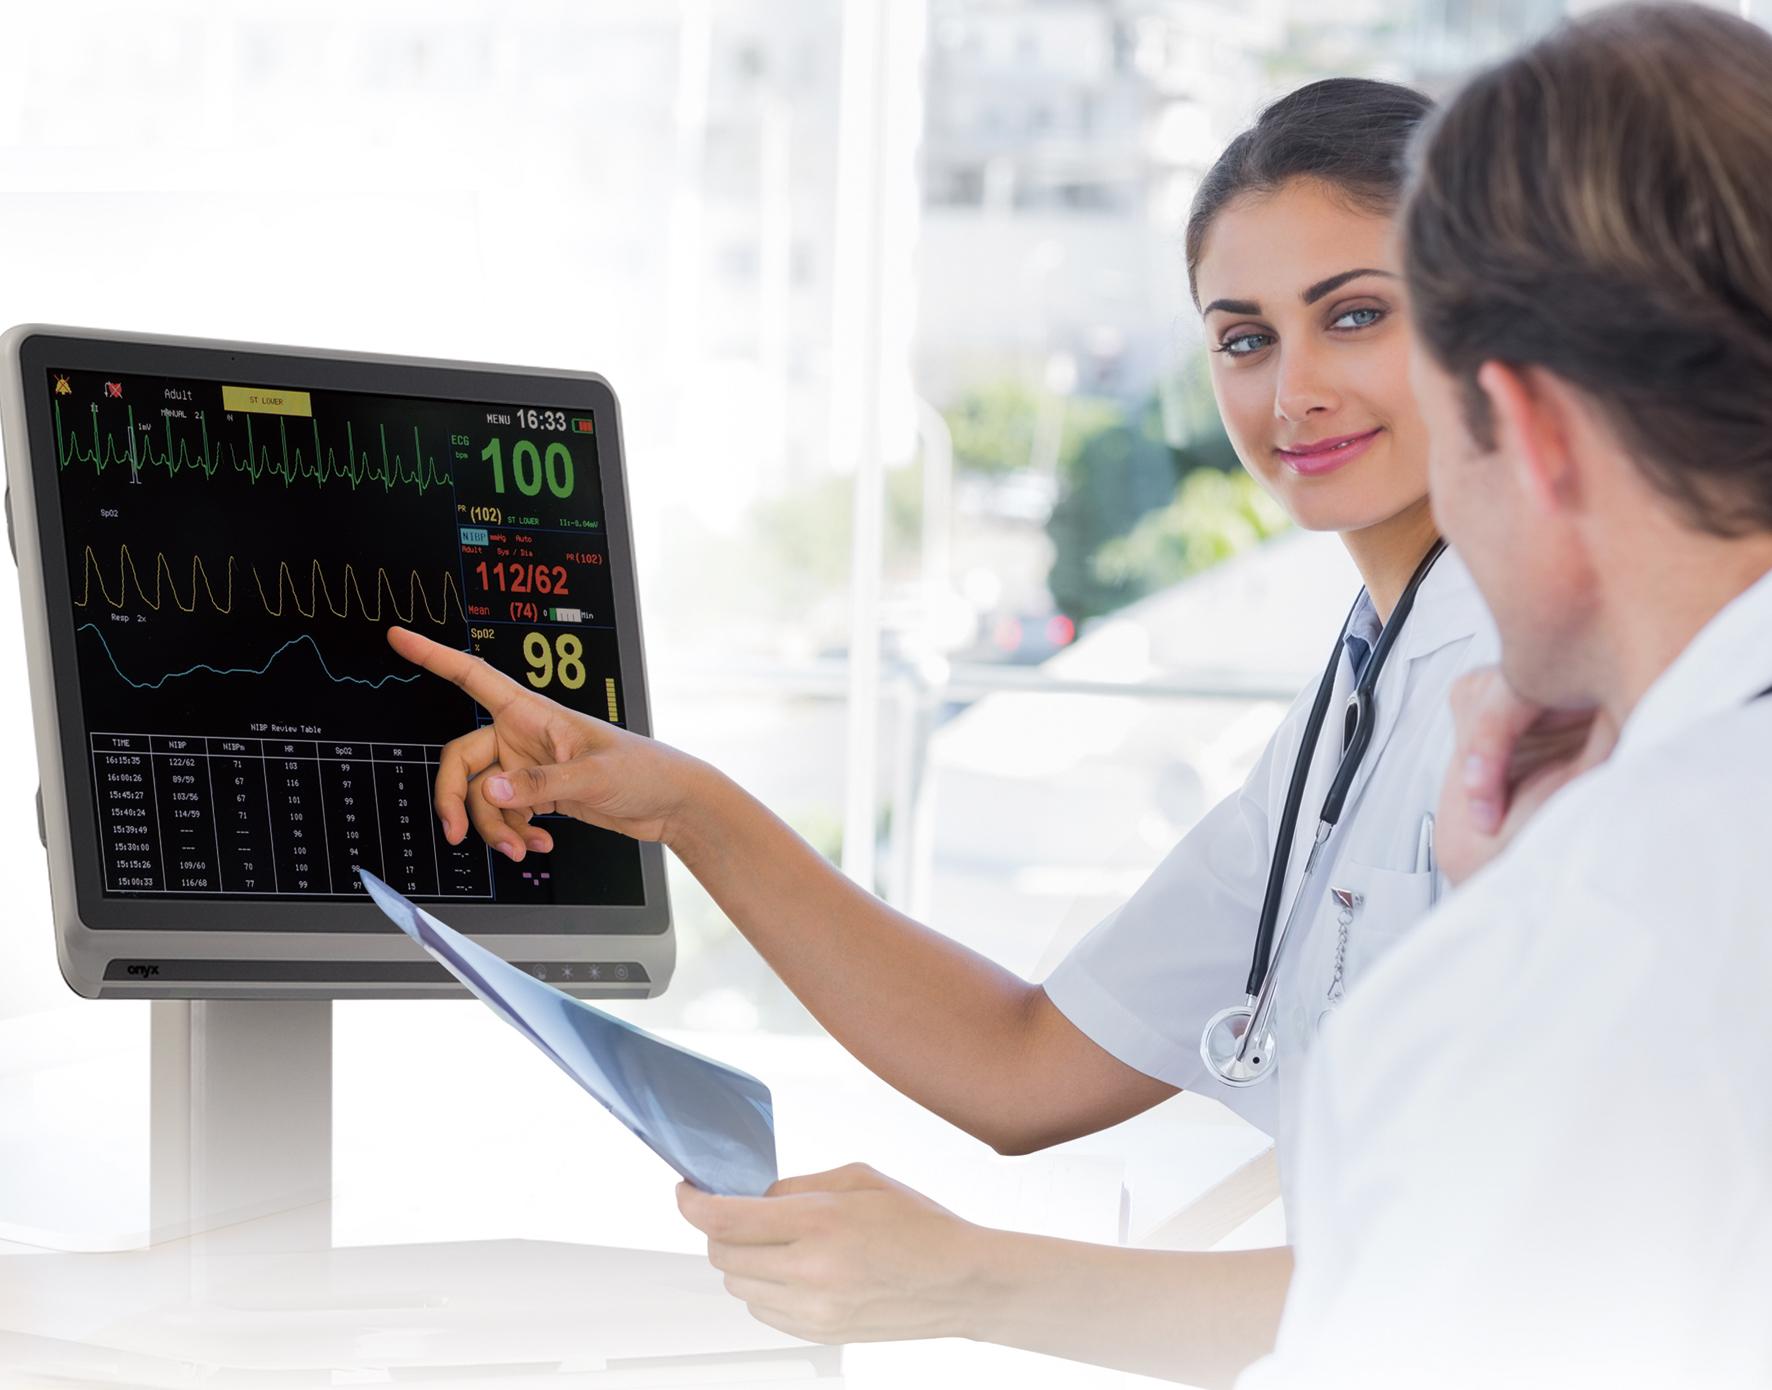 醫院醫生和護士透過醫療級不斷電系統了解病人的生理監控狀況